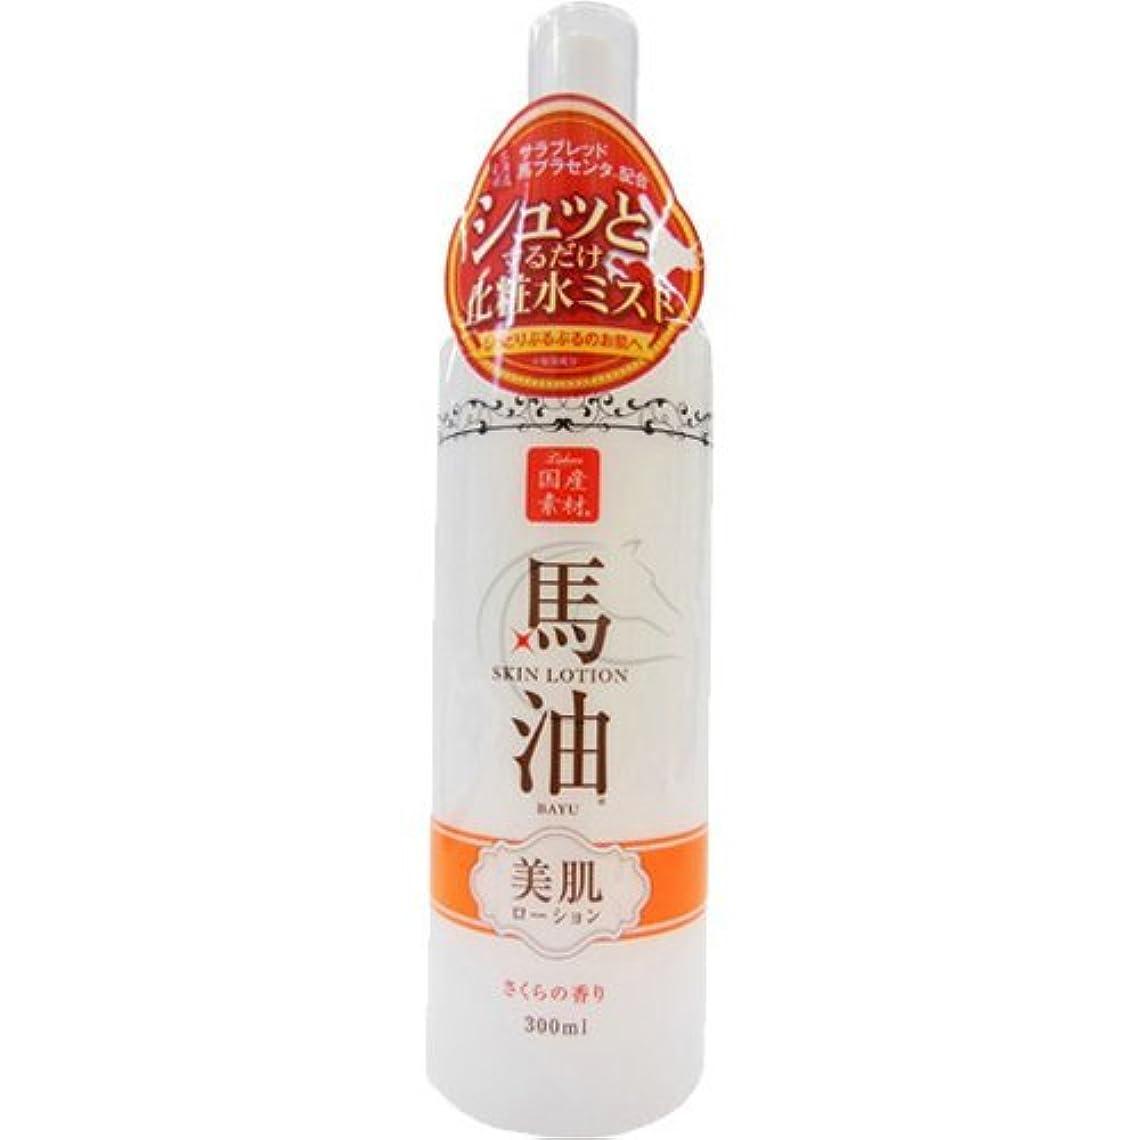 シンボル精査リブリシャン 馬油化粧水 さくらの香り 300mL